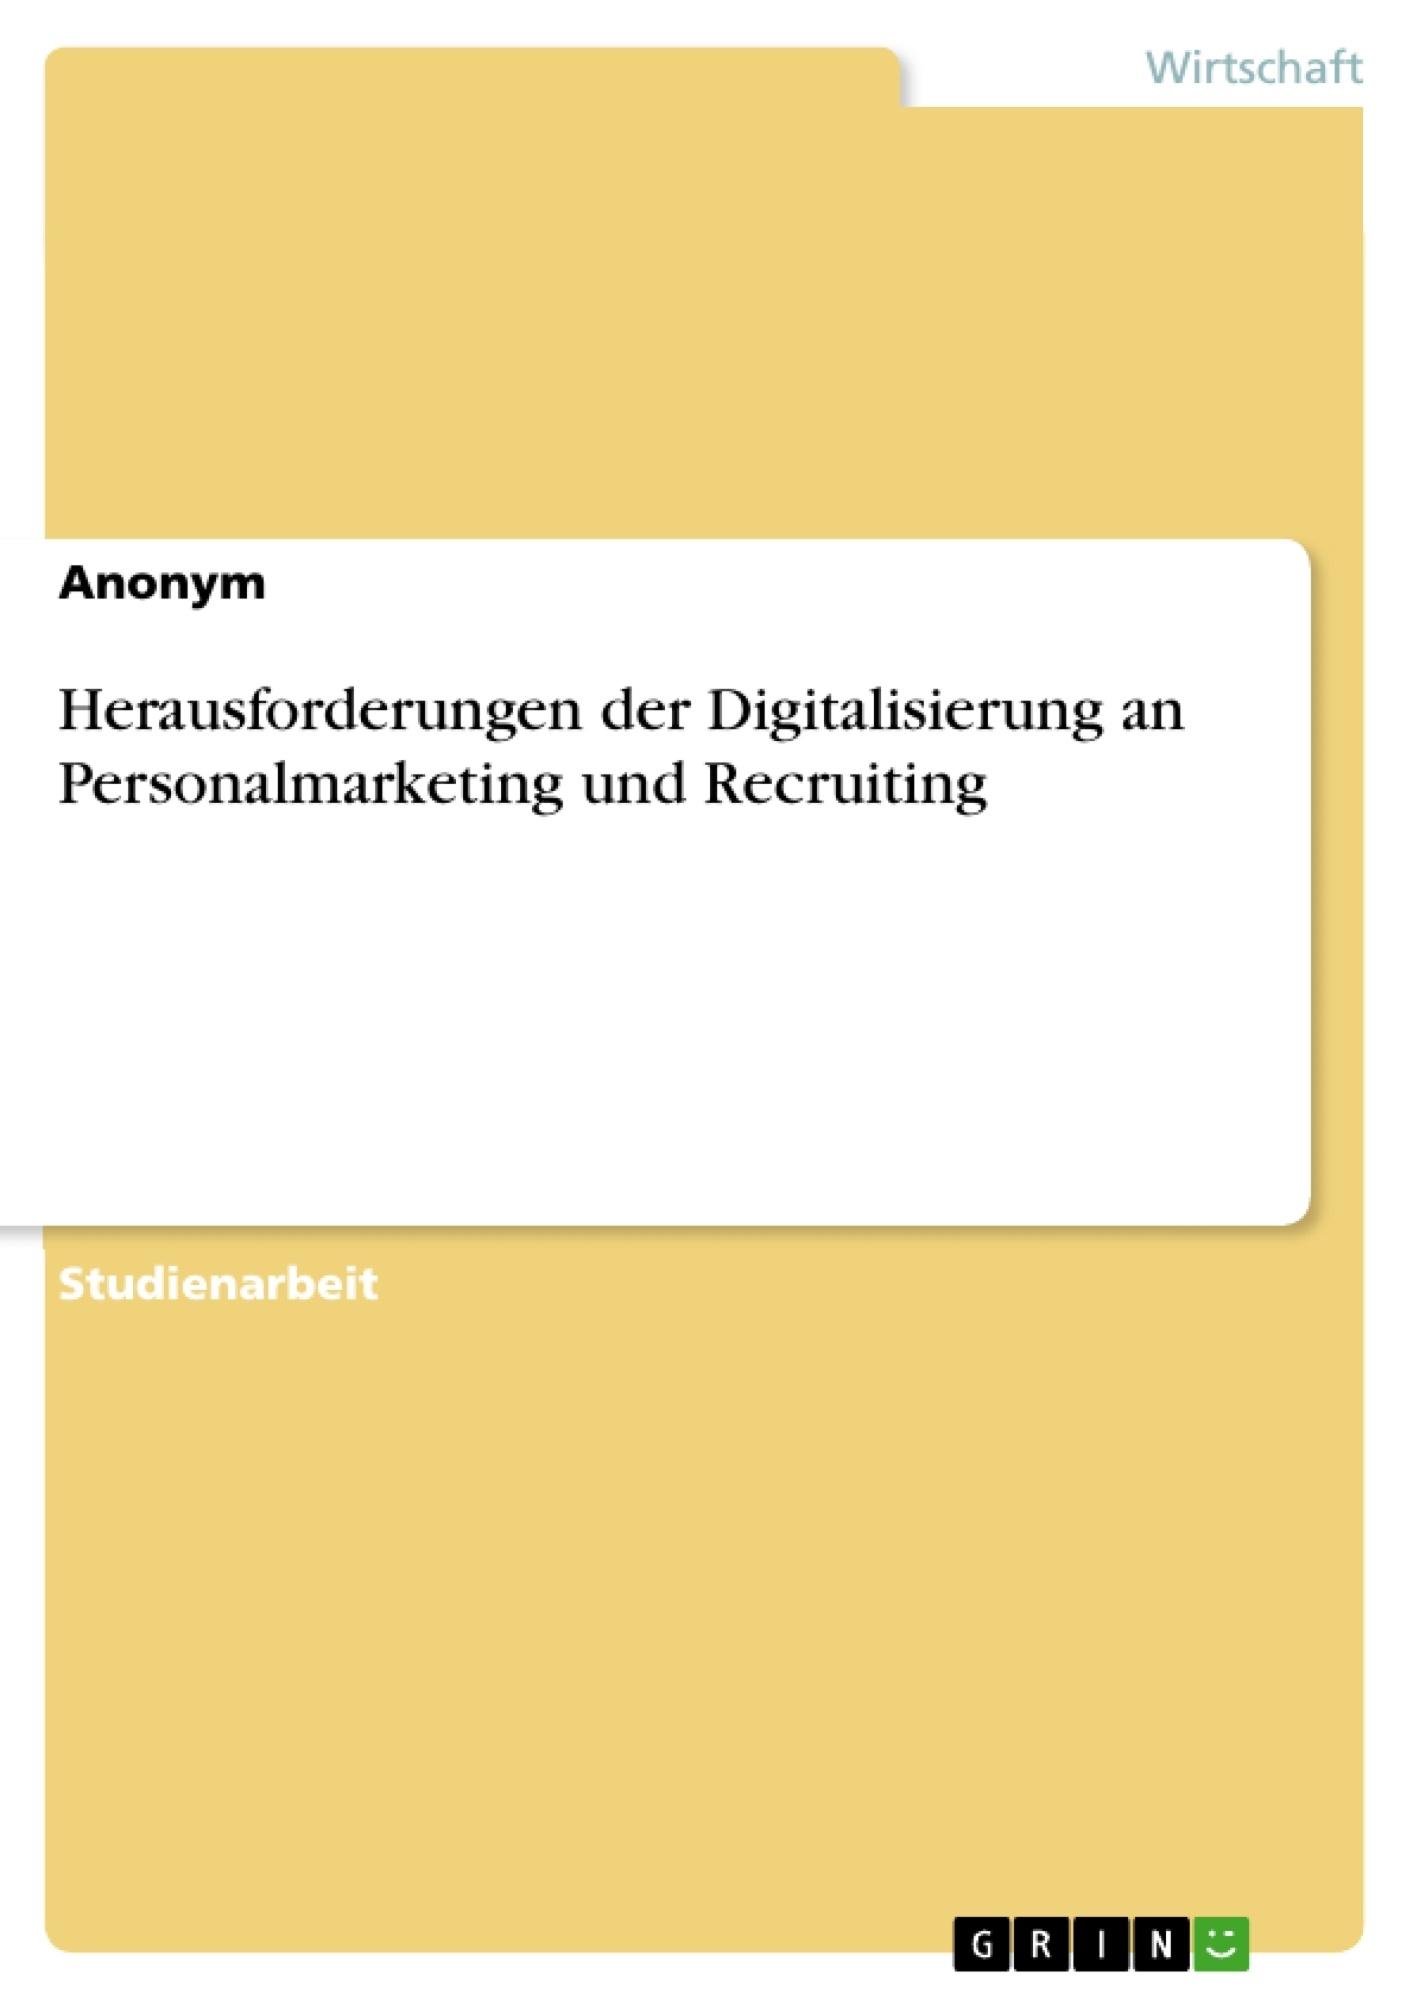 Titel: Herausforderungen der Digitalisierung an Personalmarketing und Recruiting